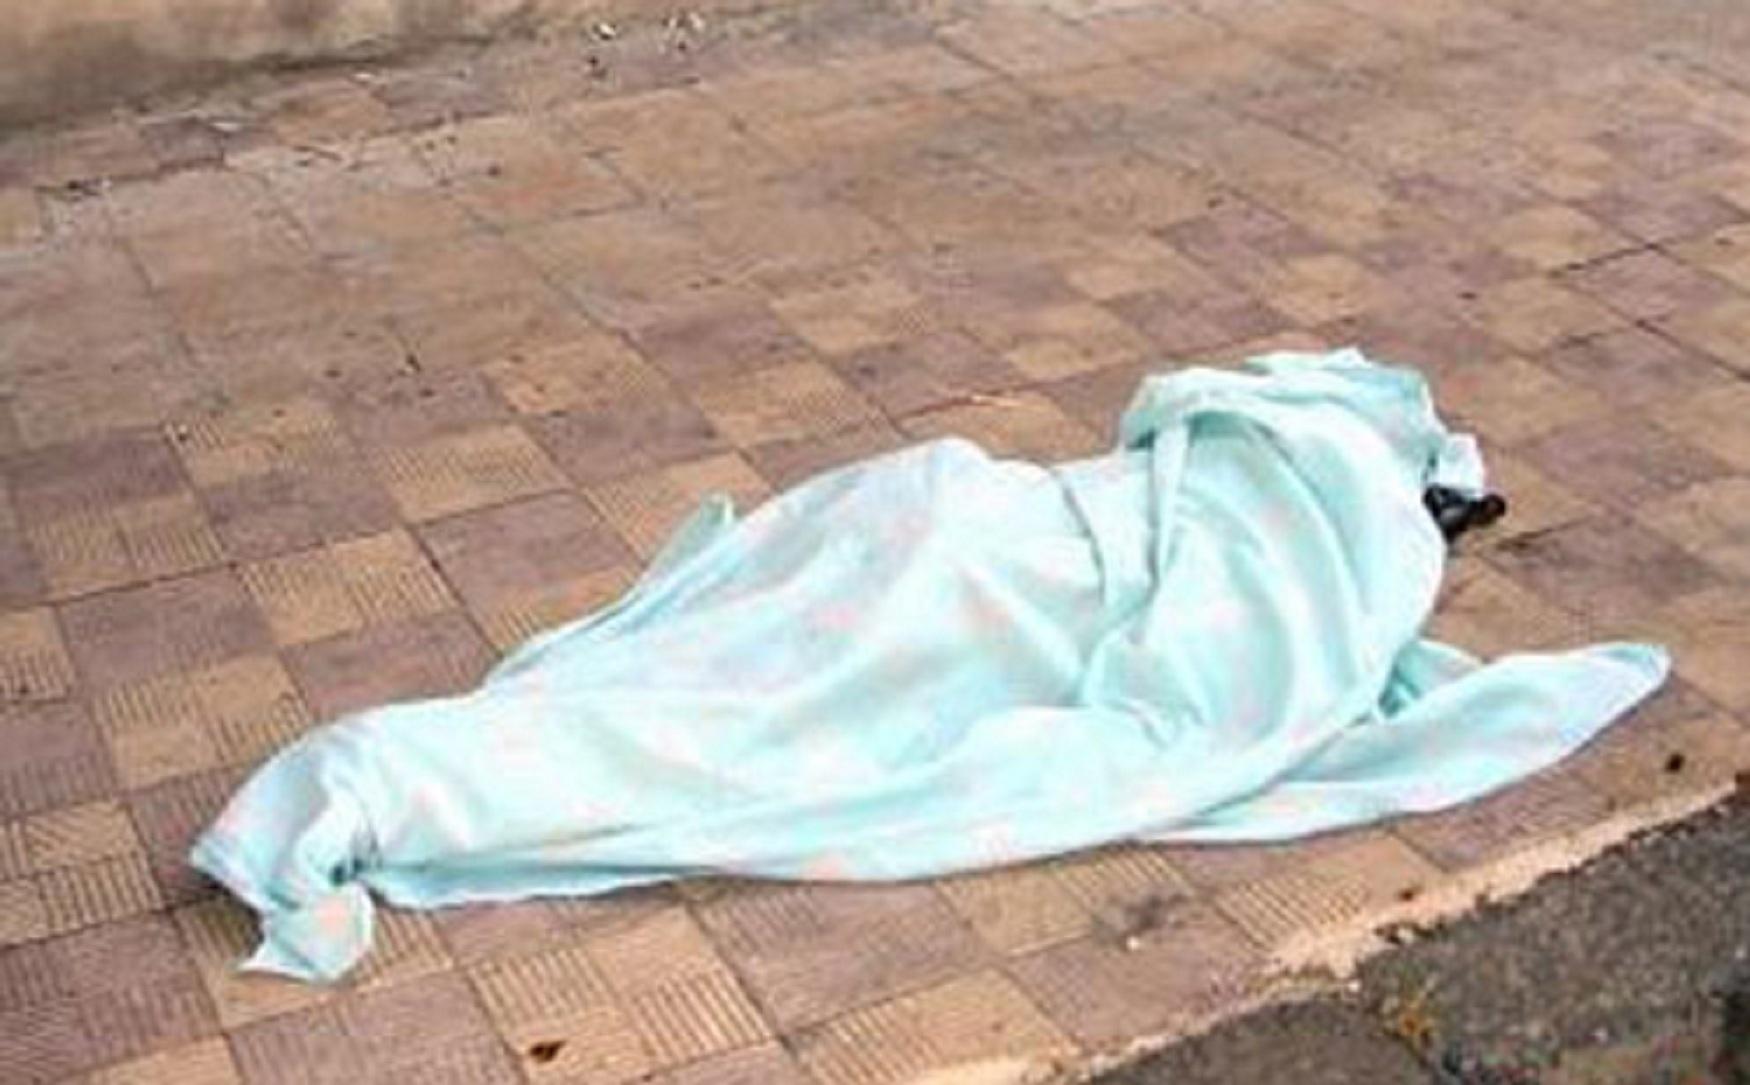 صورة مصرع فتاة إثر سقوطها من الدور الثالث أثناء جمع الغسيل ببلكونة منزلها بالشرقية